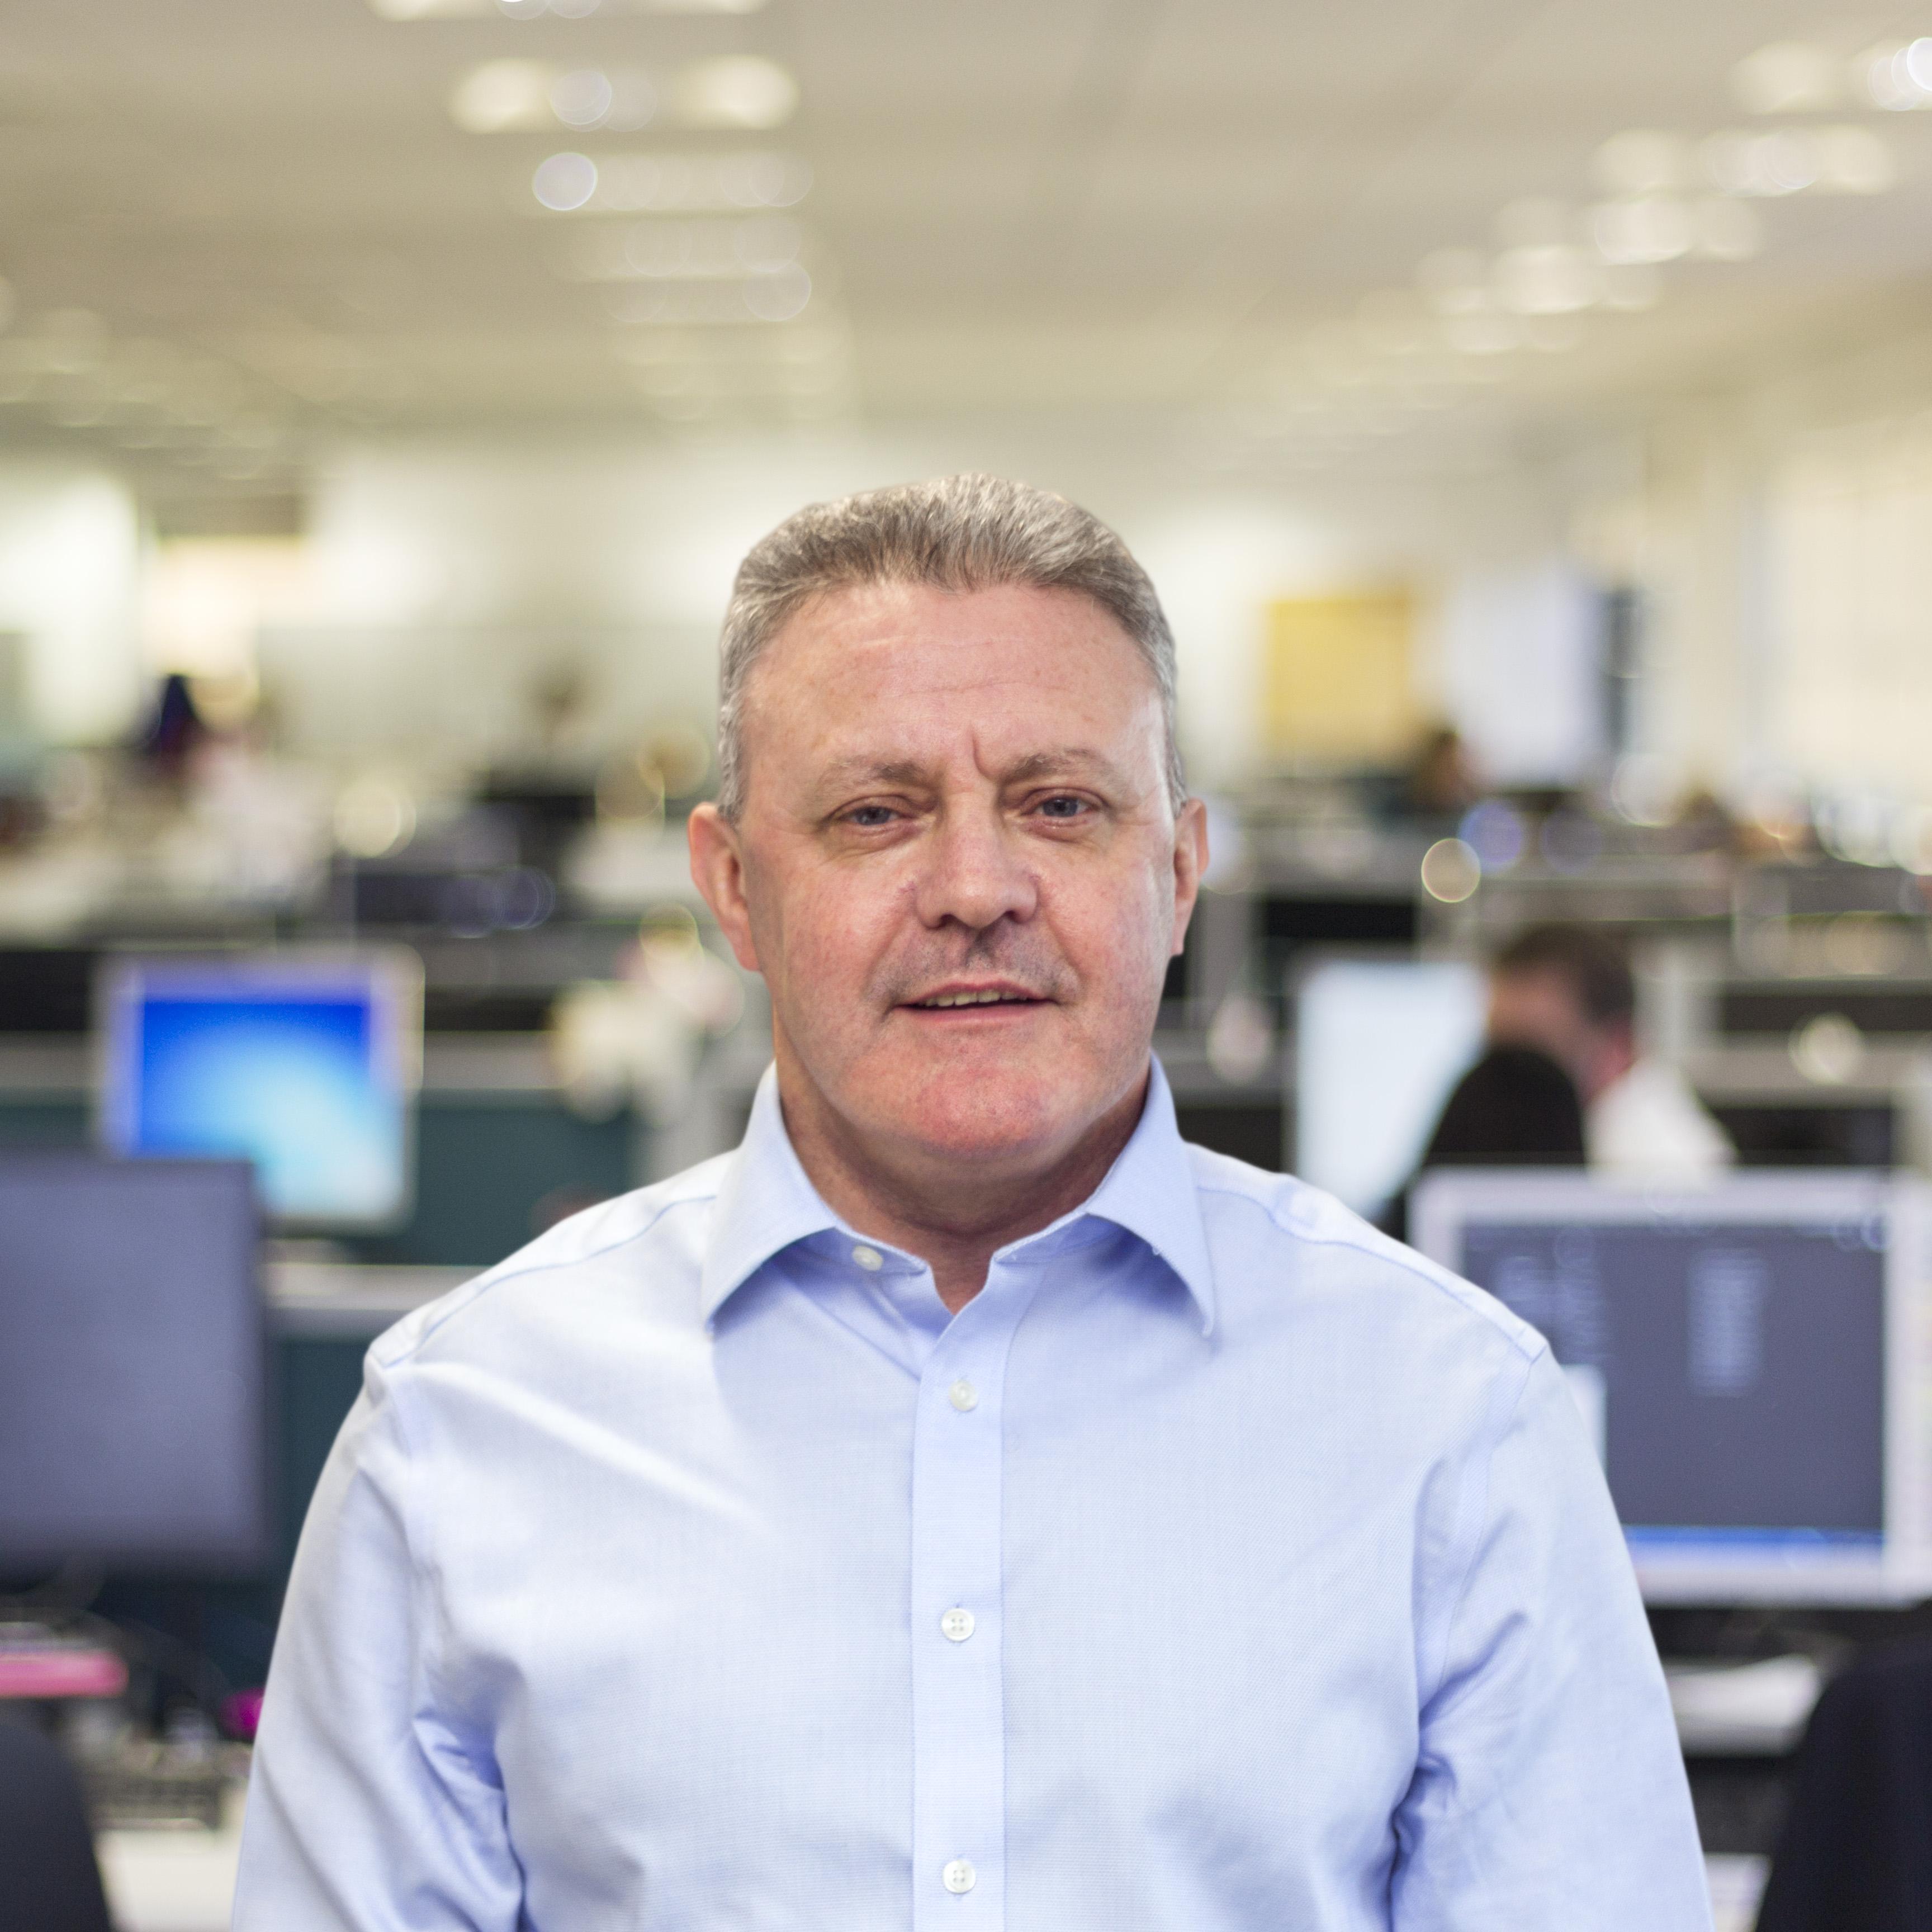 Tony Cahill, executive director at Vivark